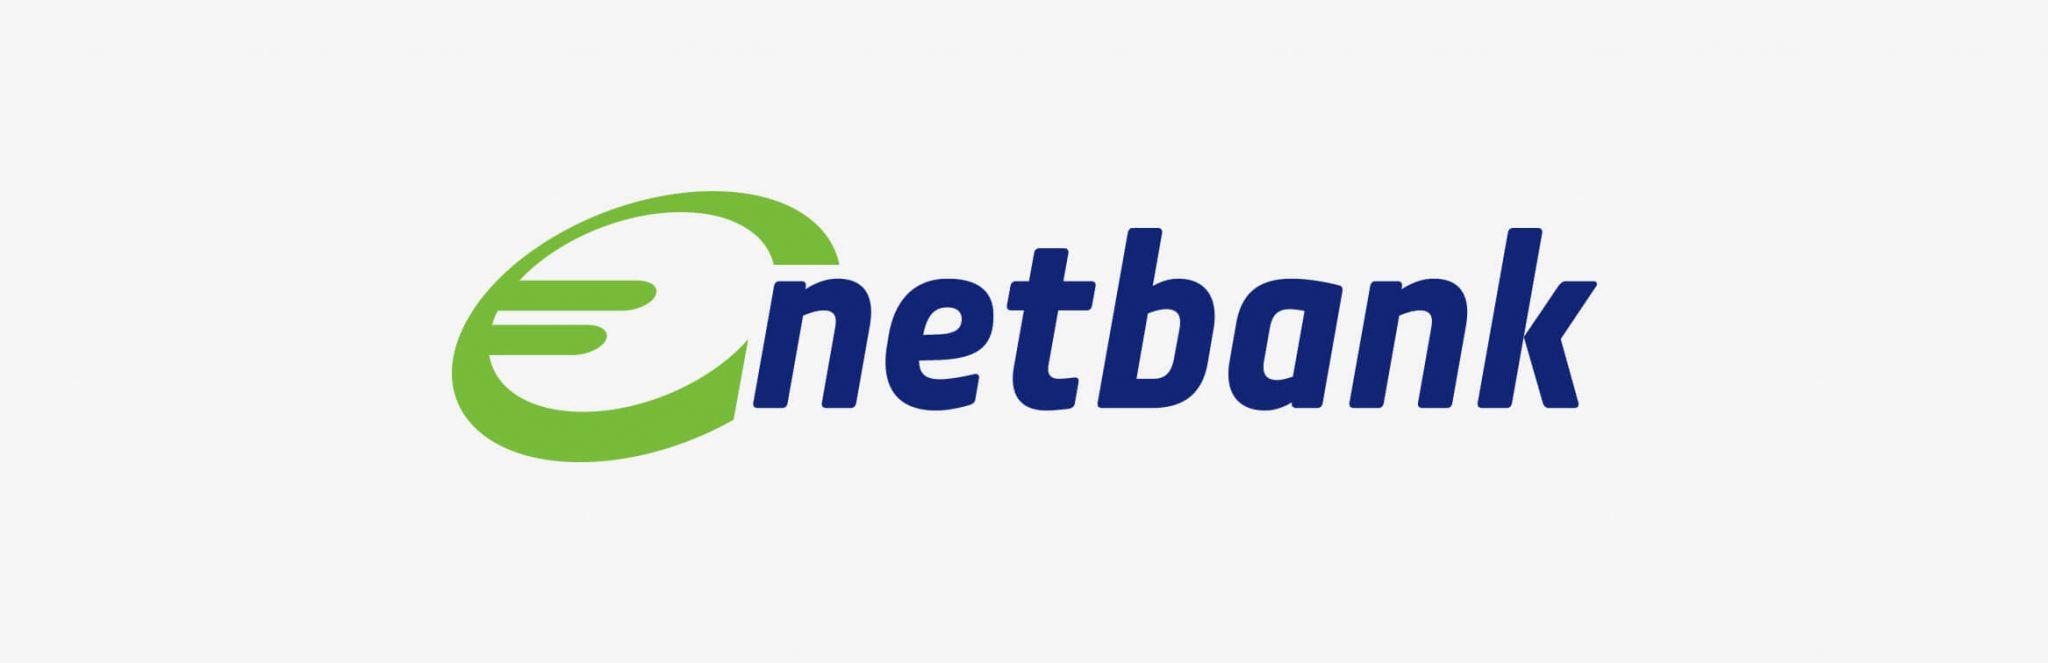 banken_netbank.jpg